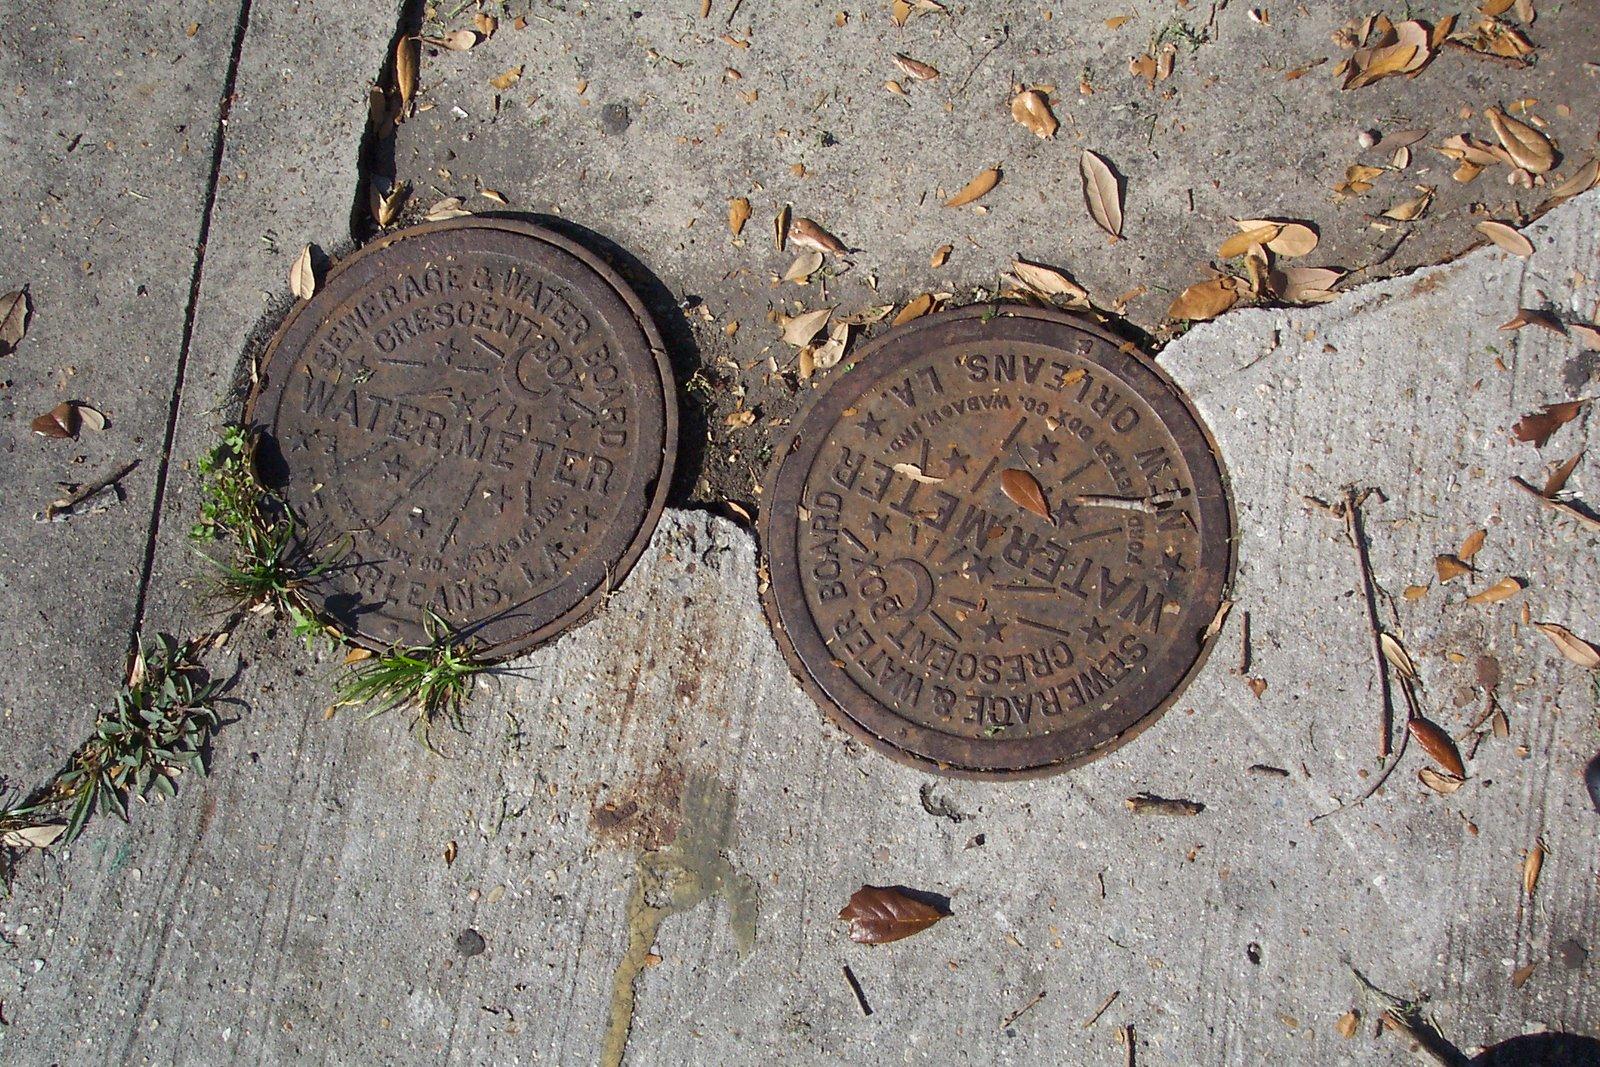 S&WB Water Meter Cap